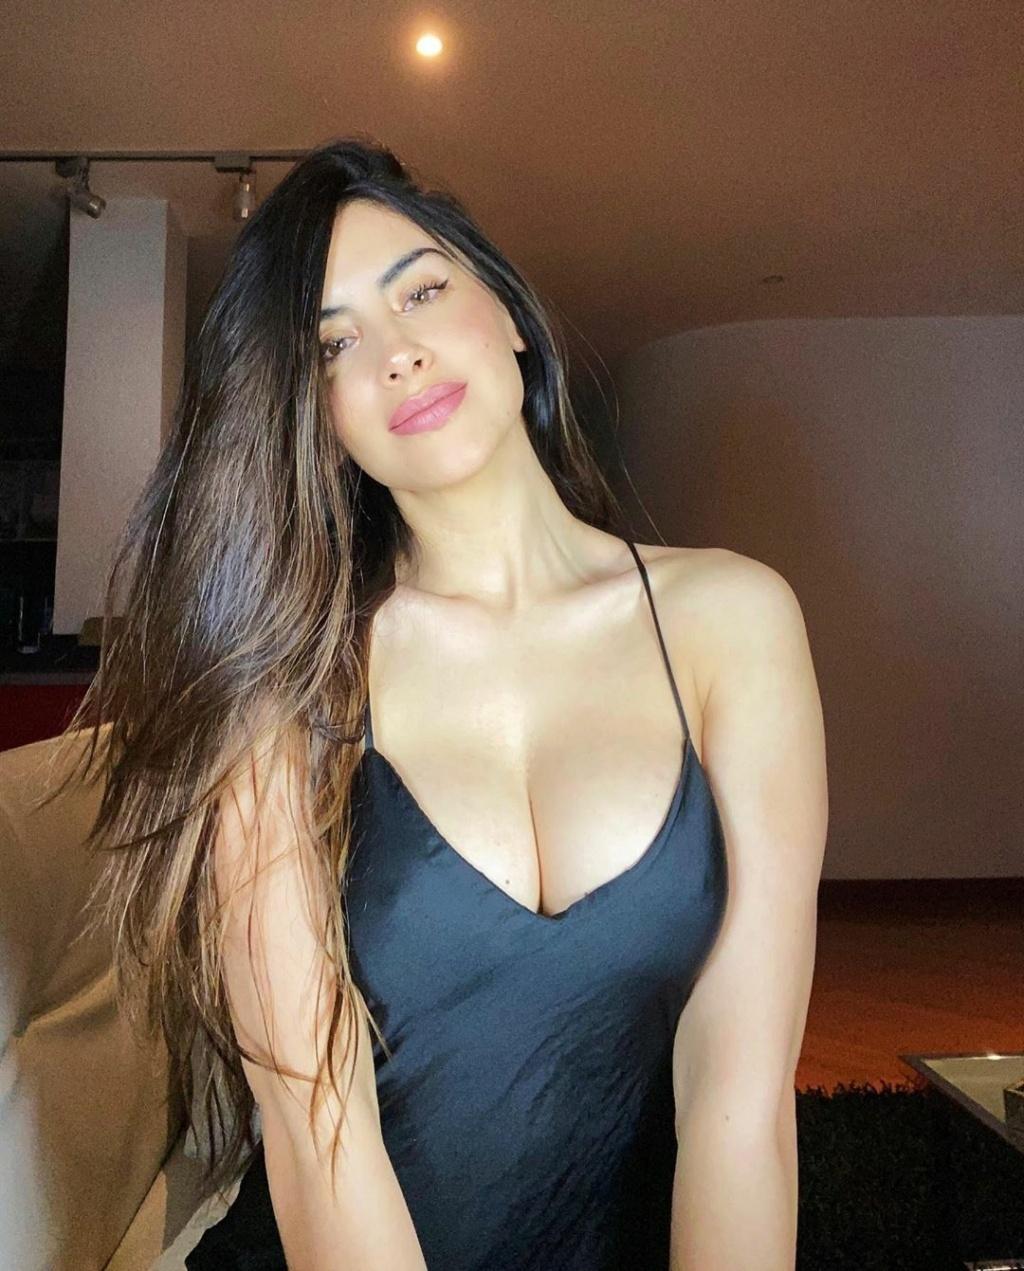 DEBATE sobre belleza, guapura y hermosura (fotos de chicas latinas, mestizas, y de todo) - VOL II - Página 9 Img_2751